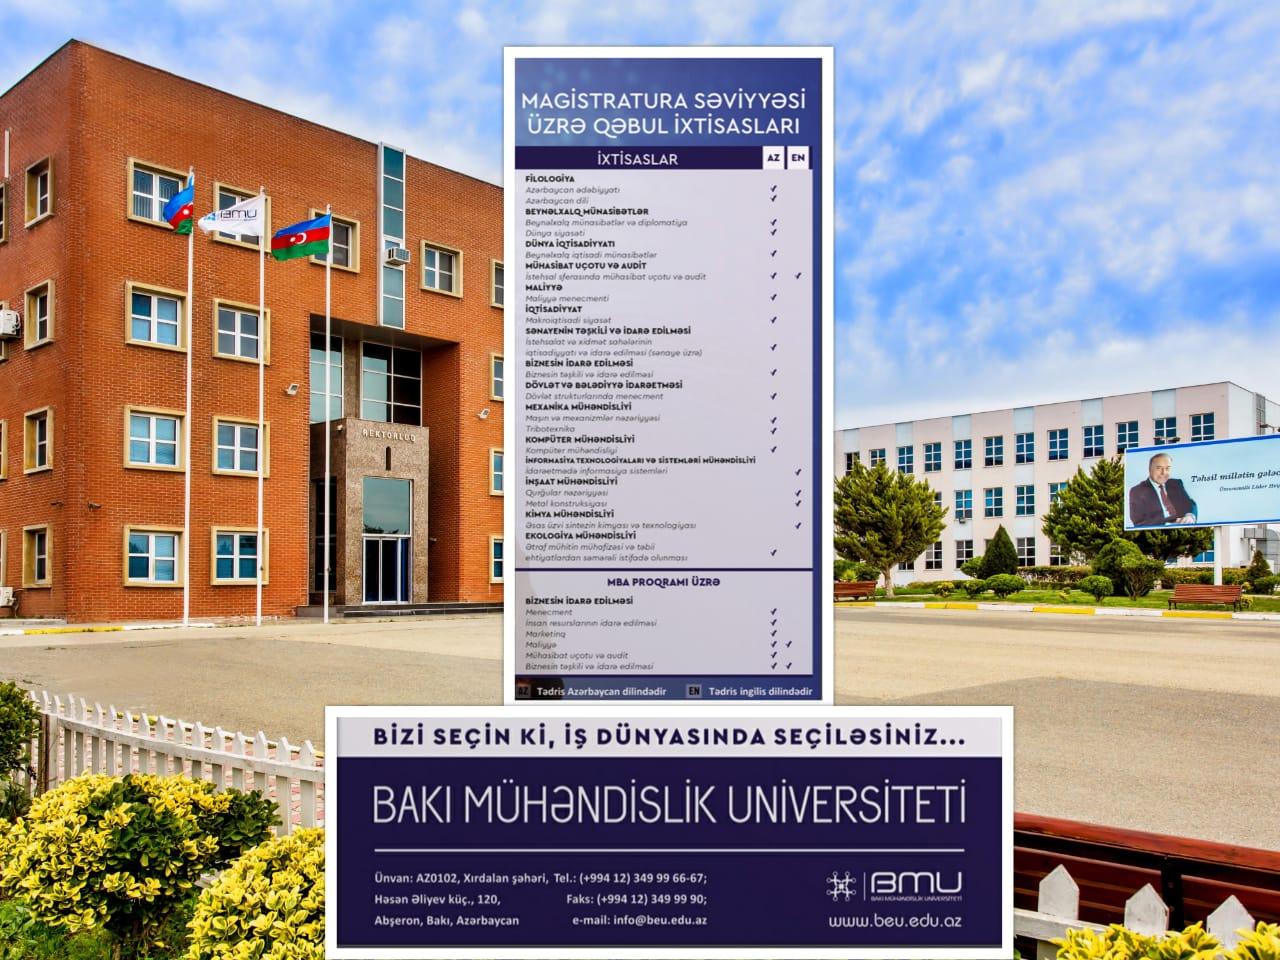 BMU-da magistratura təhsili almağın üstünlükləri